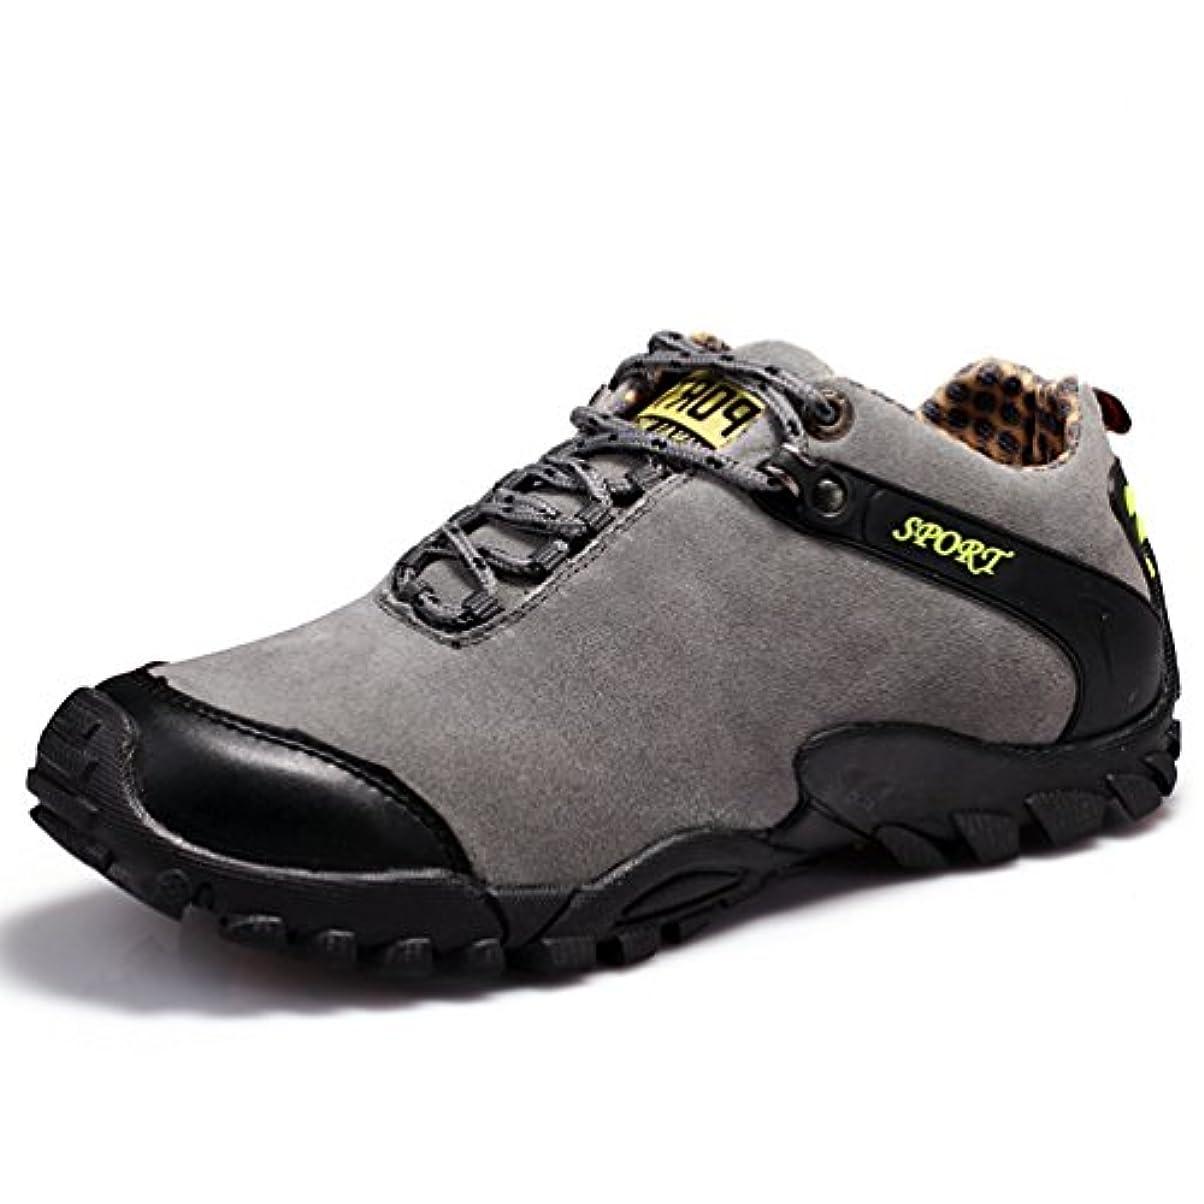 シーケンスどうやって退屈[ドリーマー] トレッキングシューズ メンズ 滑り止め 登山靴 ハイキングシューズ クライミング クッション性 耐磨耗 履きやすい 歩きやすい 撥水加工 ローカット スポーツ クライミング ウオーキング クライミング オシャレ